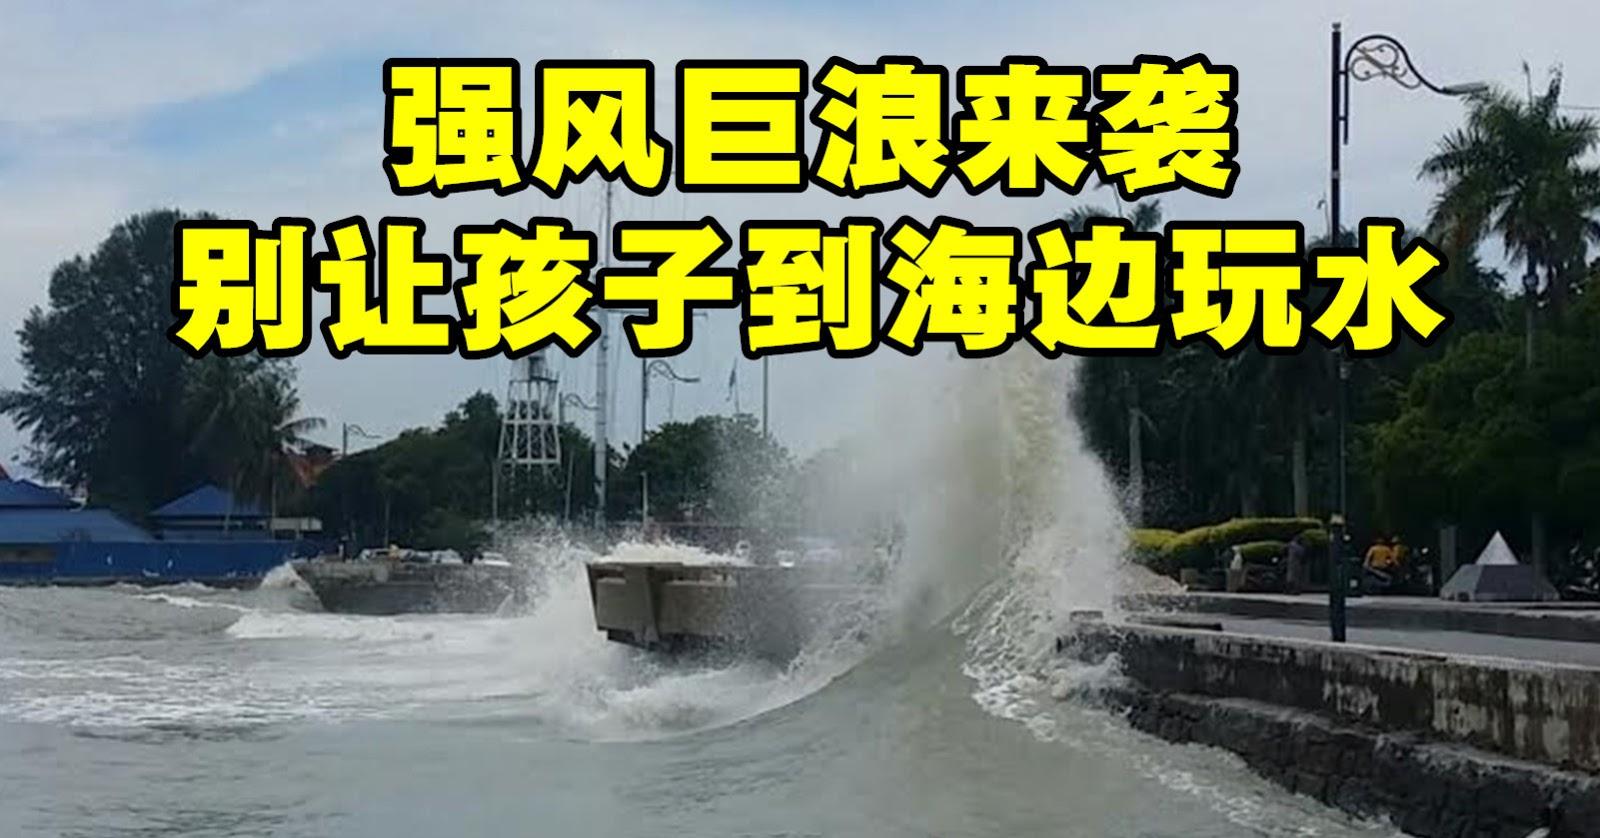 强风巨浪来袭,别让孩子到海边玩水